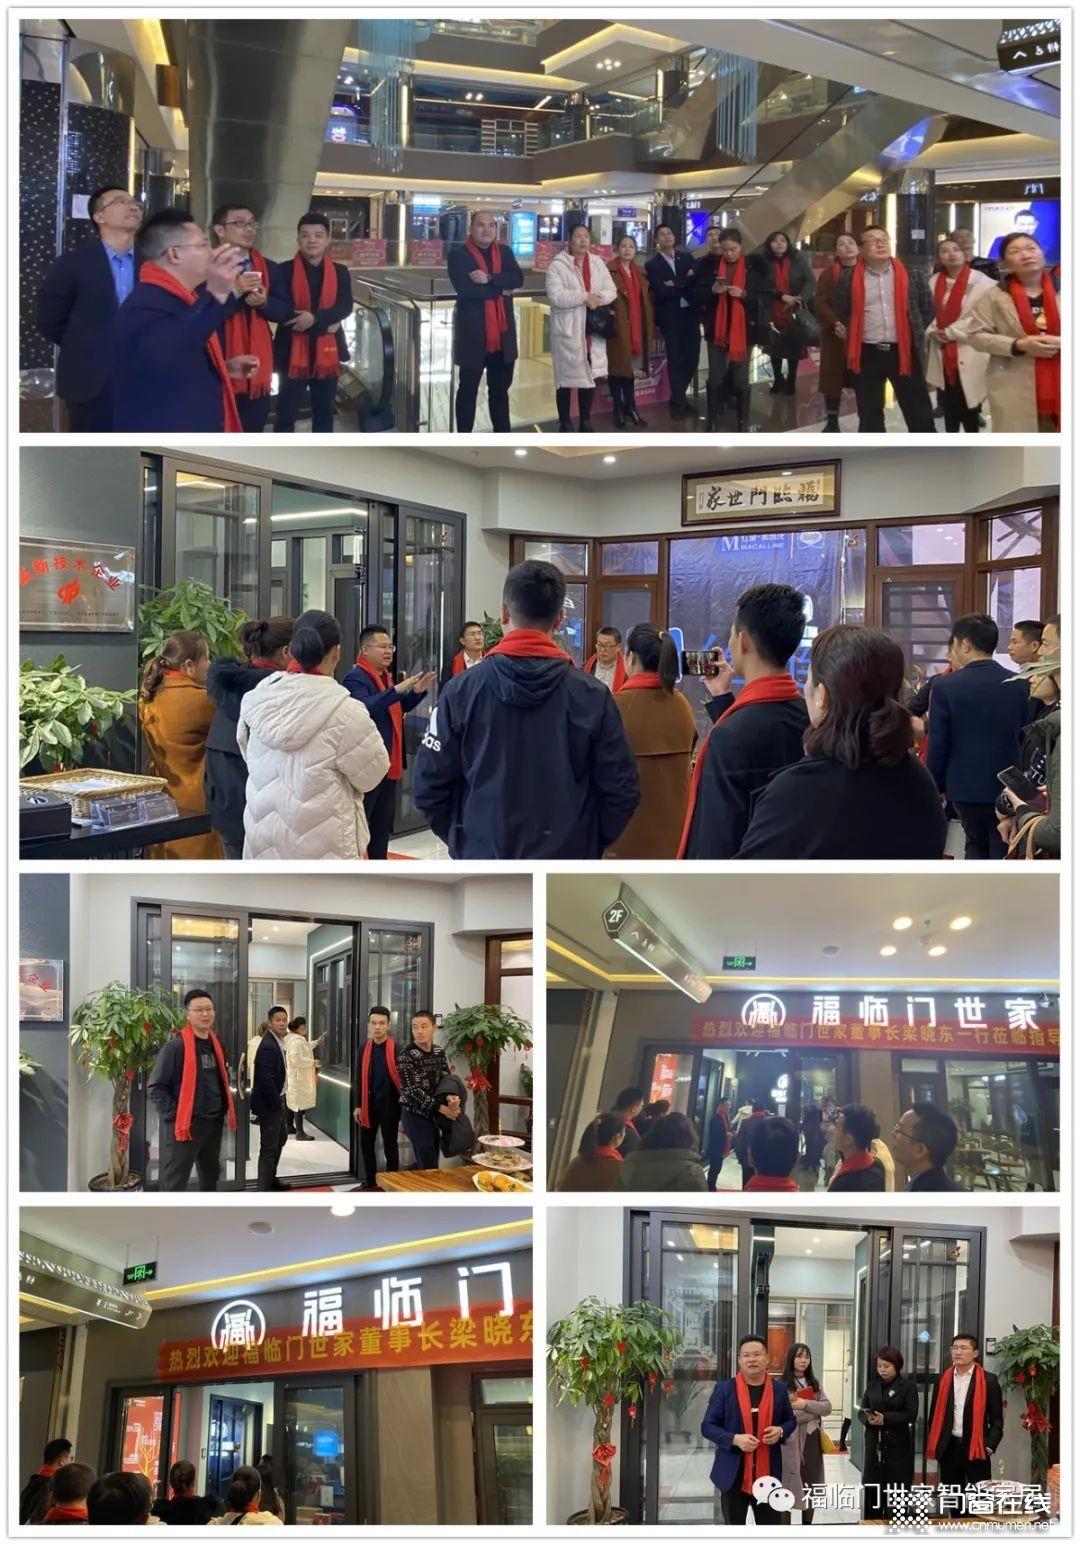 福临门世家门窗 | 广西区域年度经营计划制定圆满成功